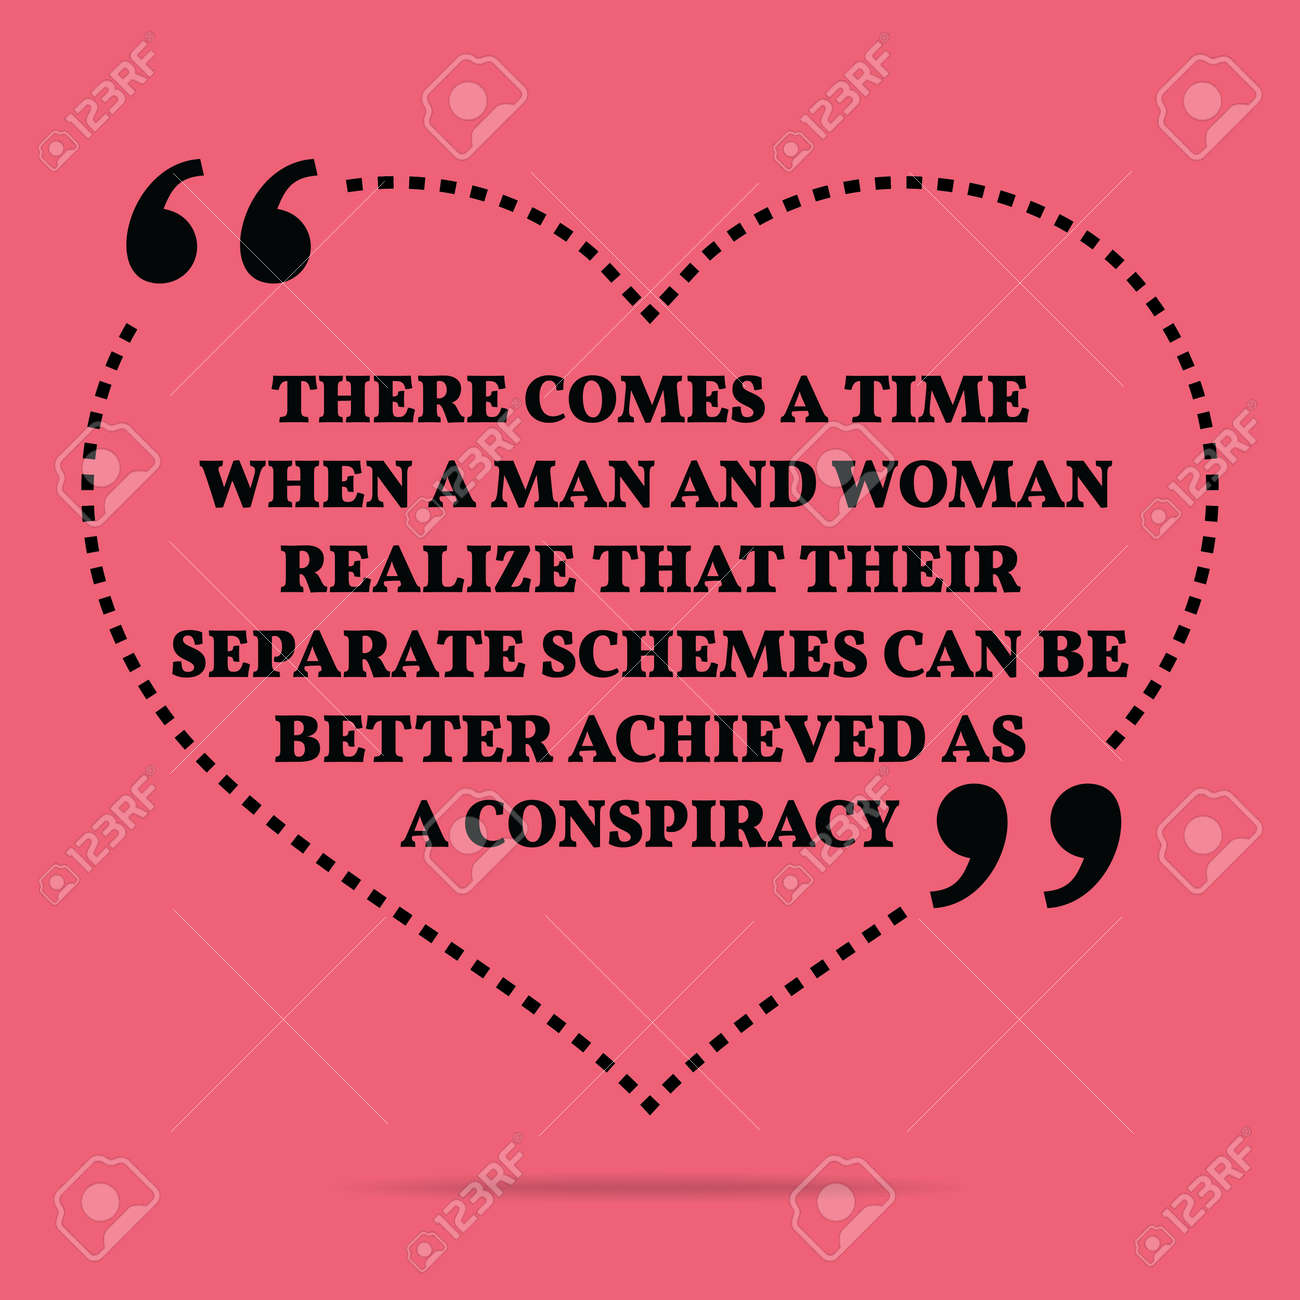 Citation Inspiree Amour De Mariage Il Arrive Un Moment Ou Un Homme Et Une Femme Se Rendent Compte Que Leurs Regimes Distincts Peuvent Etre Mieux